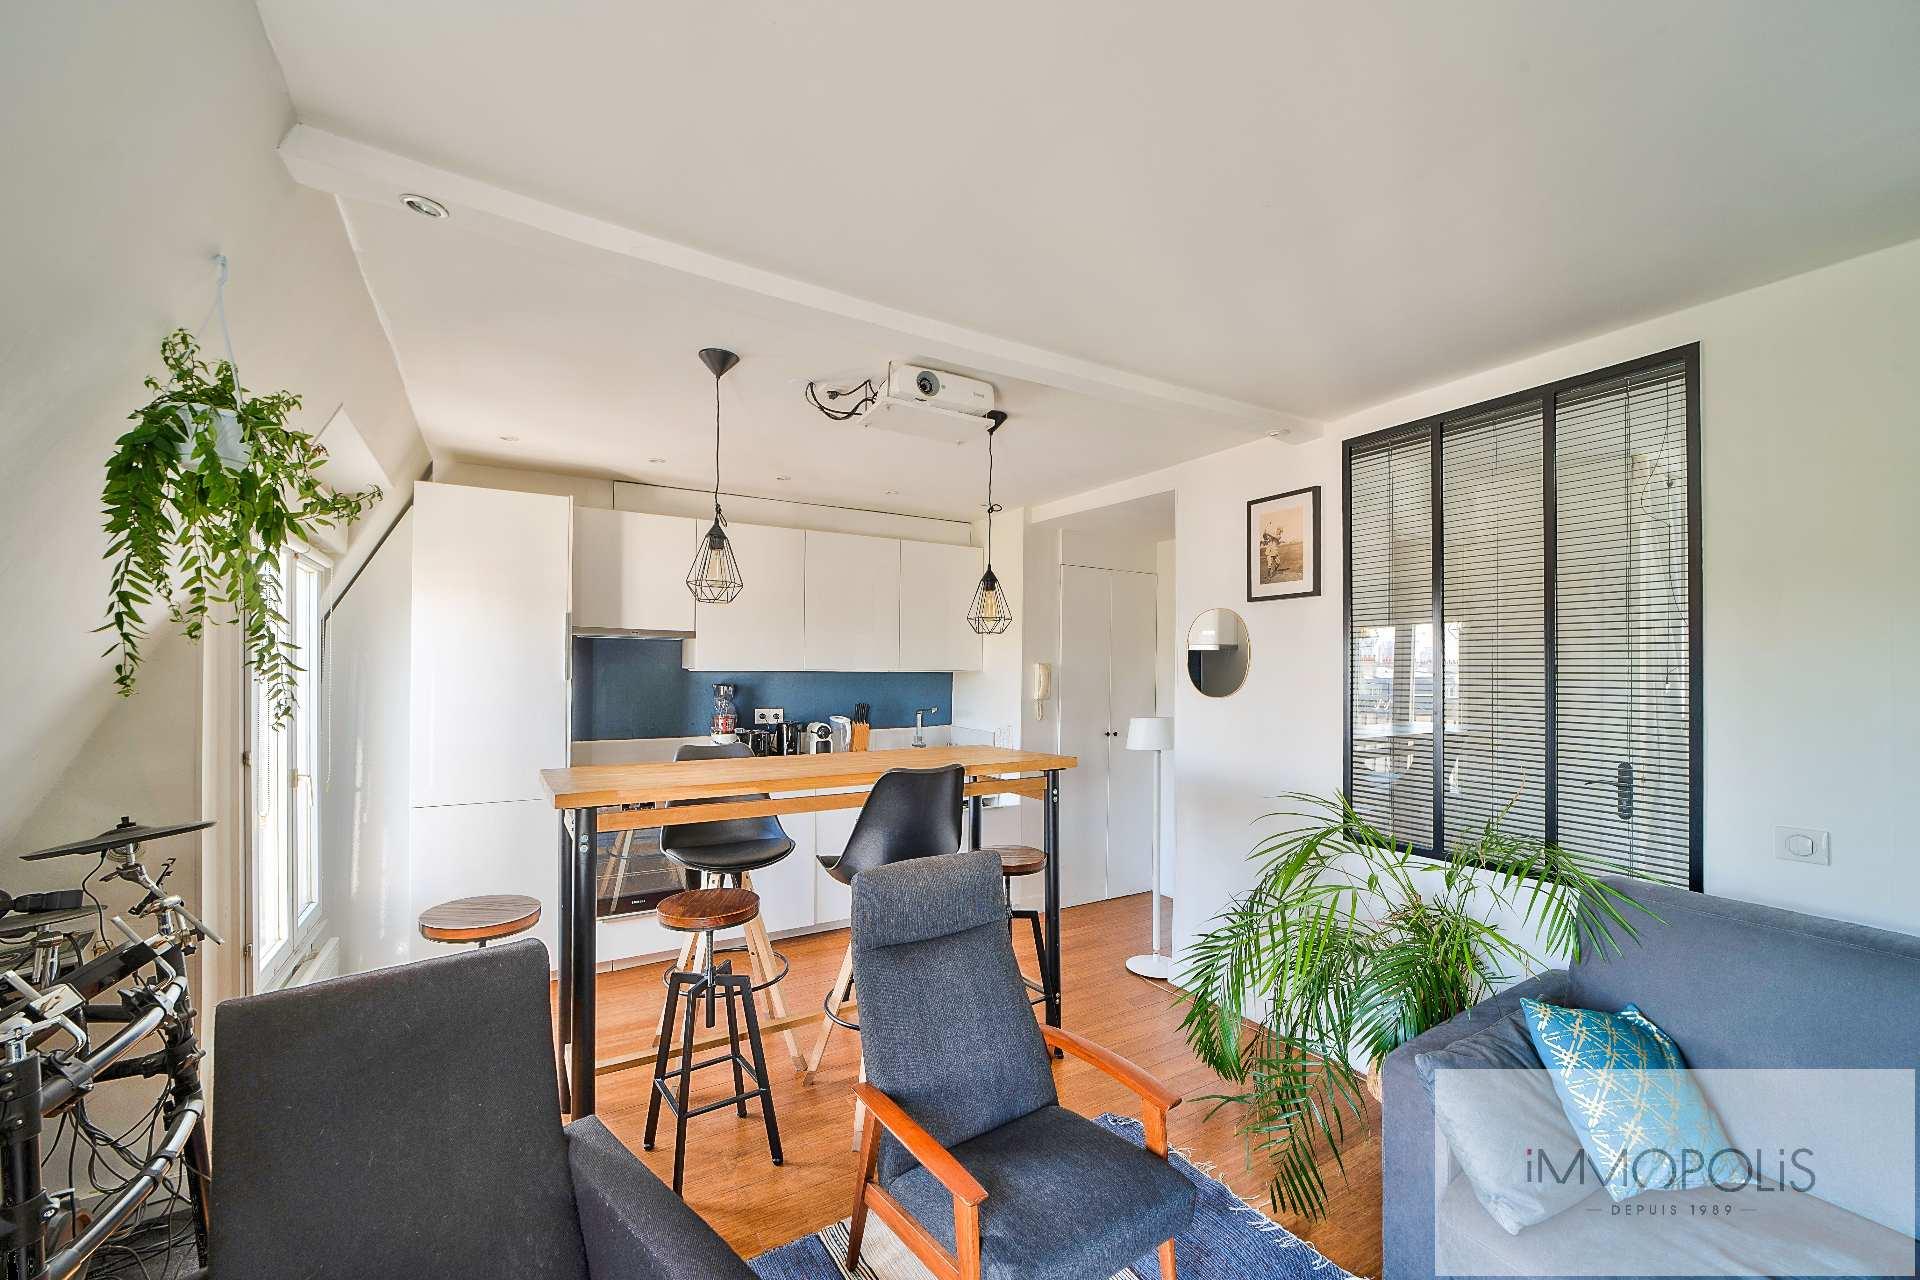 Magnifique 2 pièces en 6e et dernier étage sans vis à vis, plein soleil, avec 2 balconnets ! 4